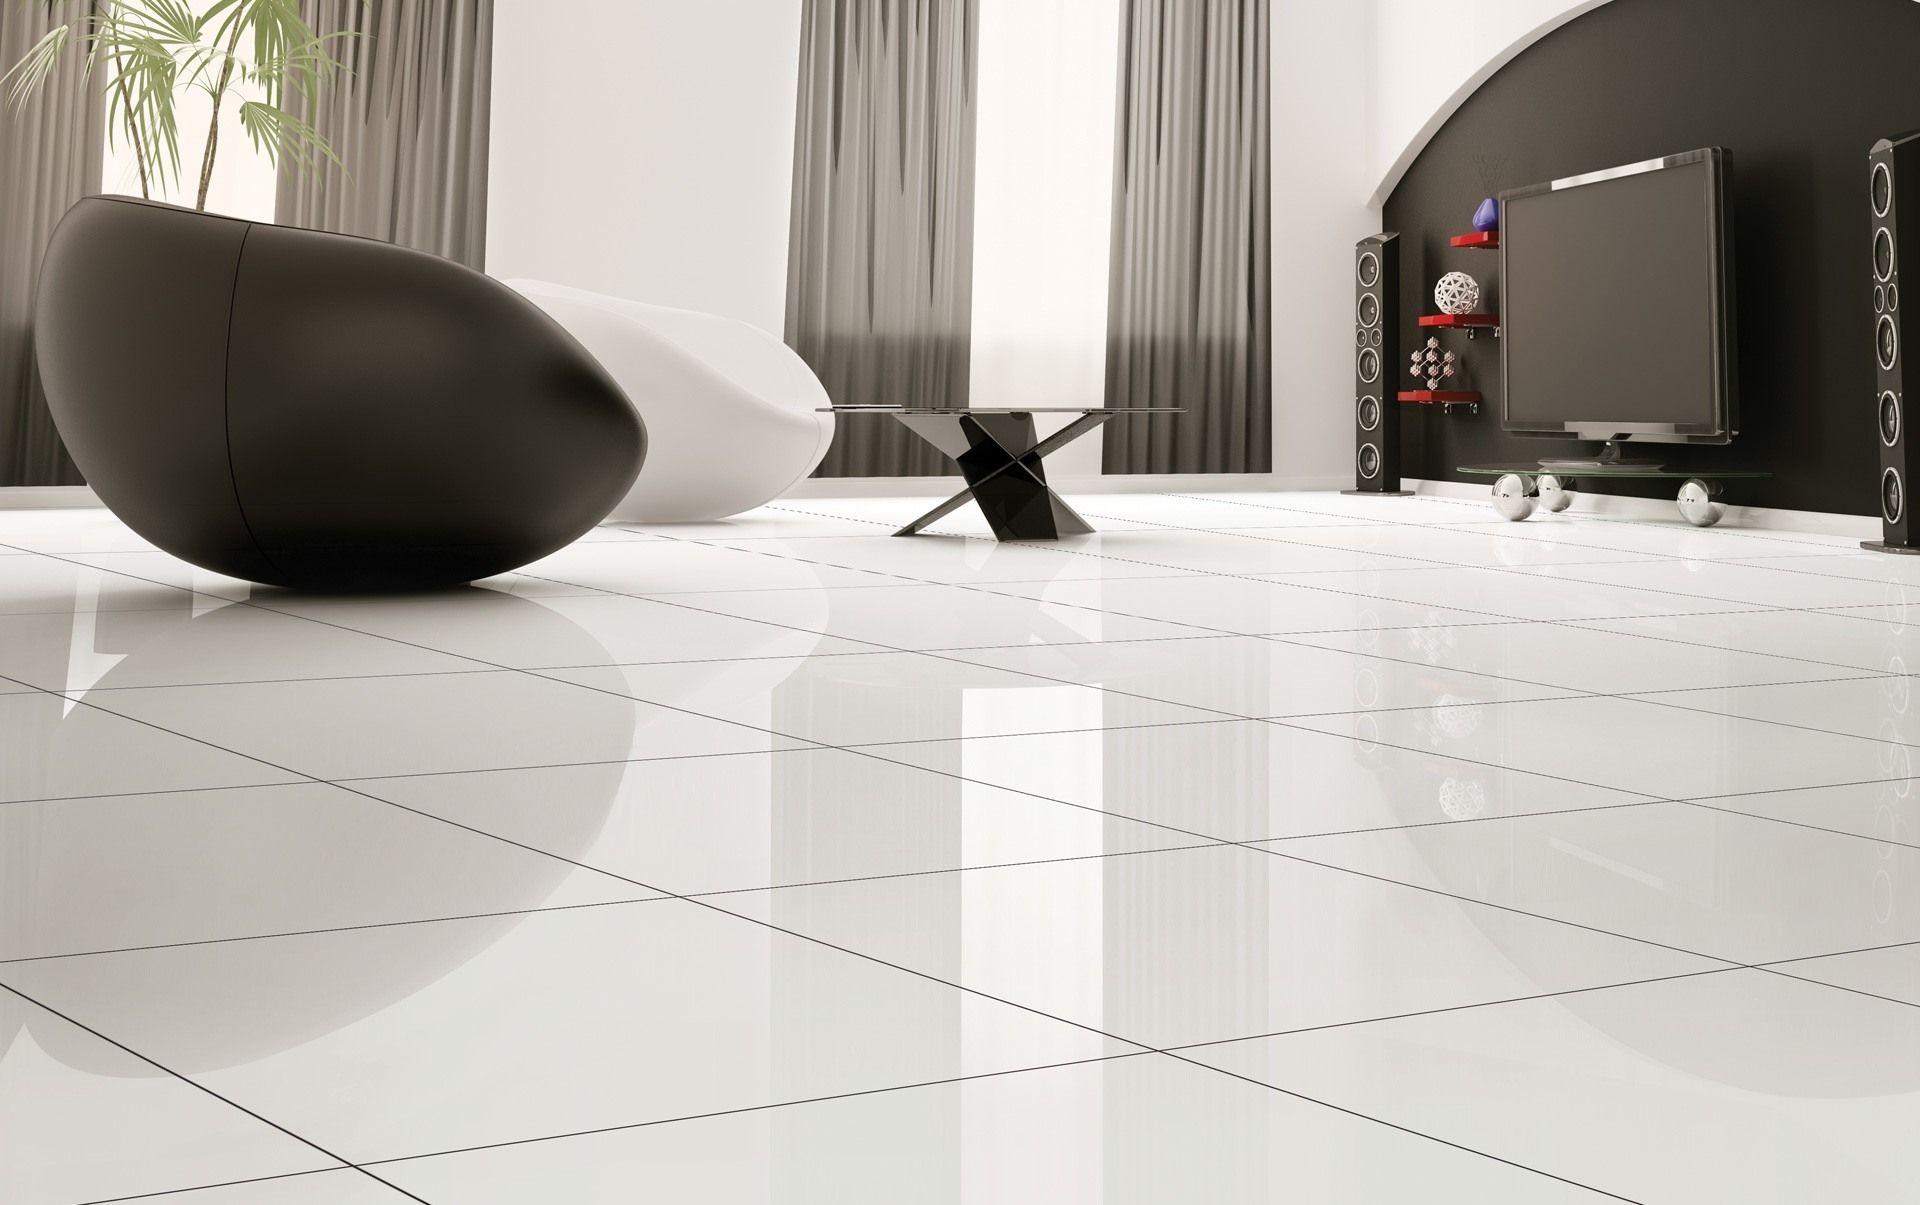 Vitrified Floor Tiles Design For Living Room Httpclub Maraton